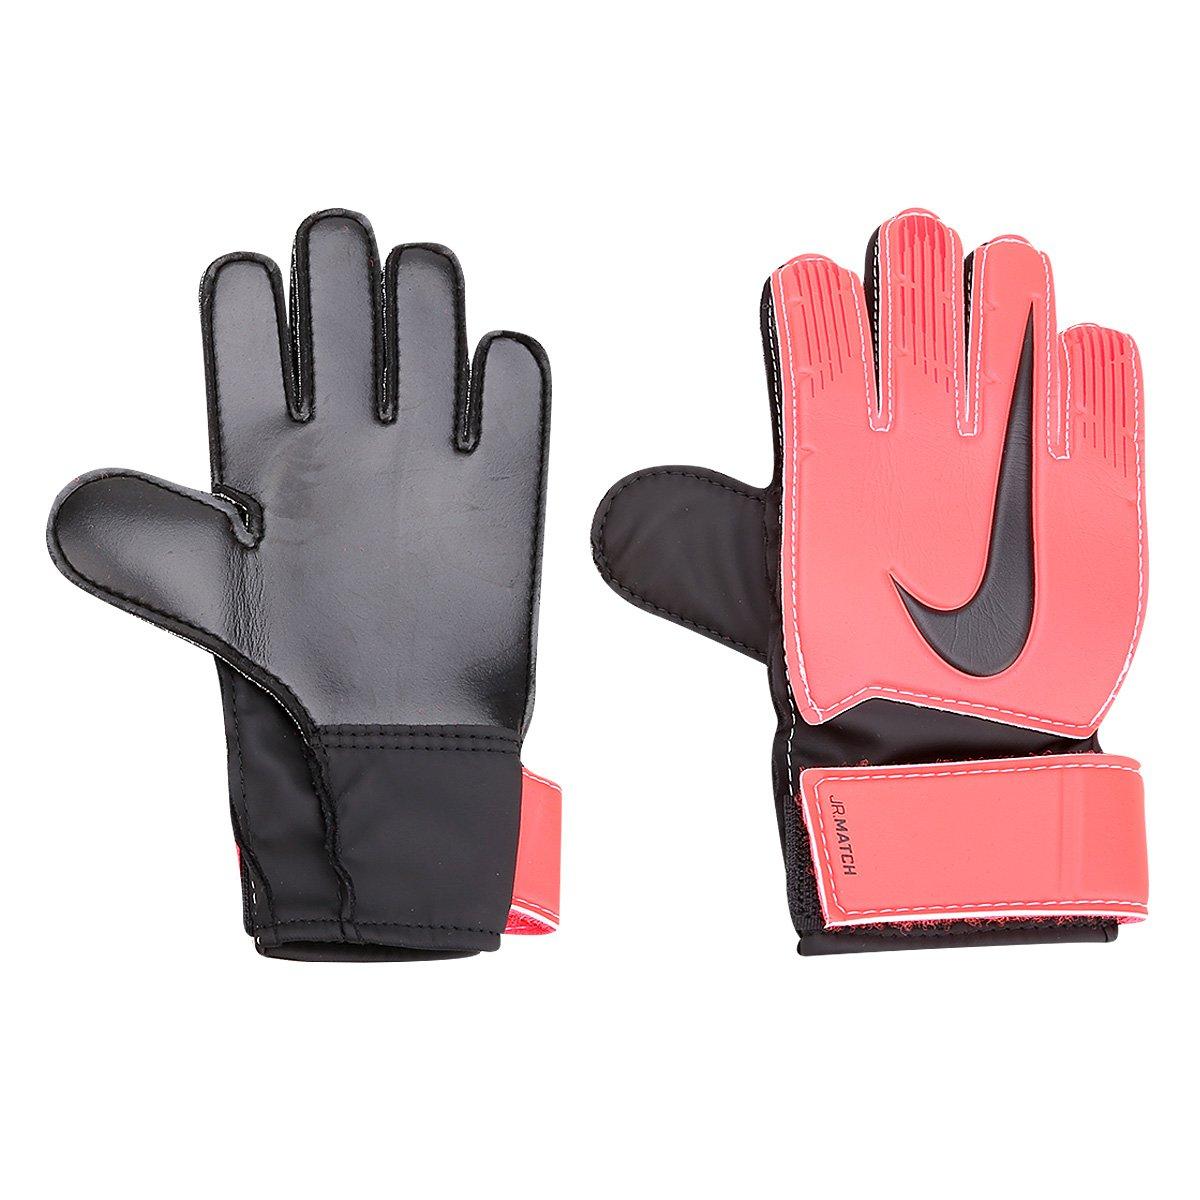 Luva de Goleiro Infantil Nike Match - Preto e Vermelho - Compre ... 5d3f1026f6b50